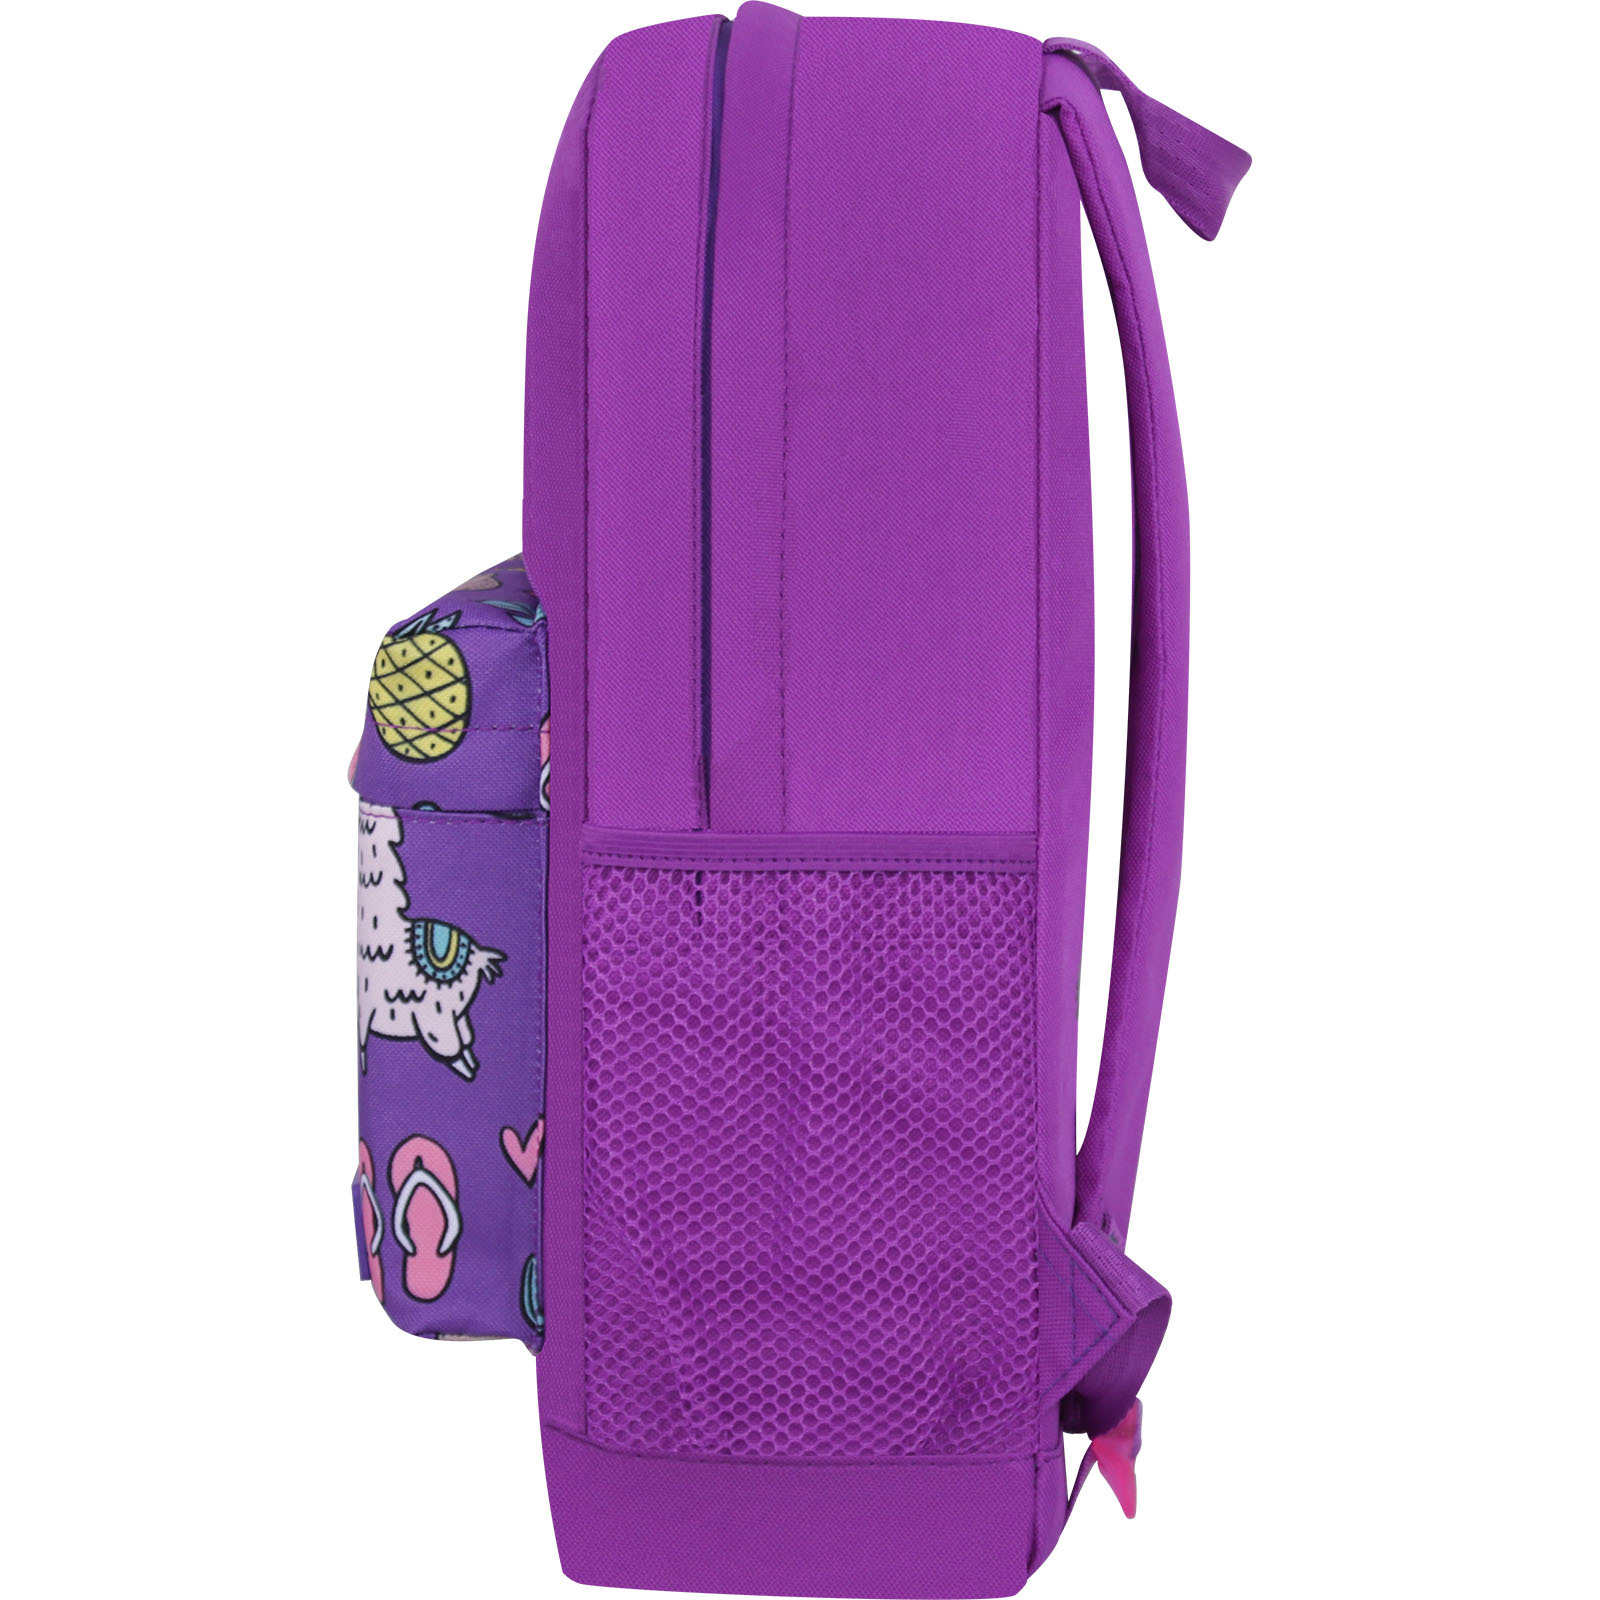 Рюкзак Bagland Молодежный W/R 17 л. 170 Фиолетовый 770 (00533662) фото 3